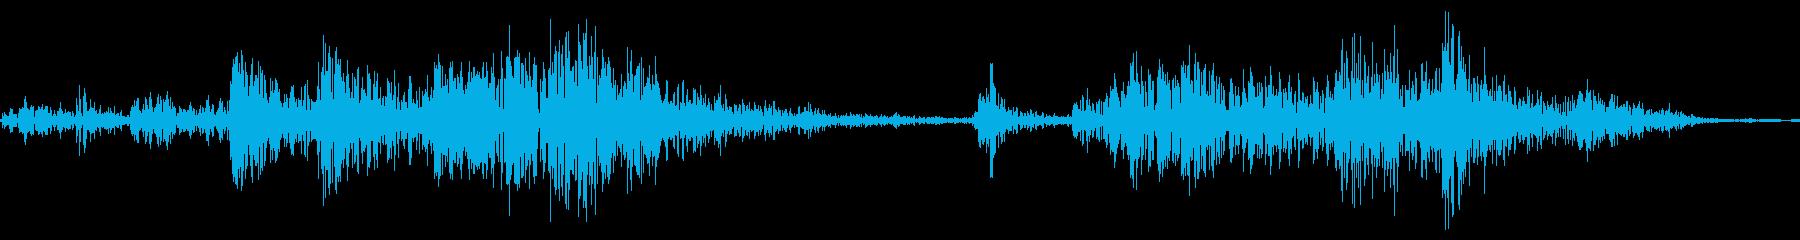 銃のリロード音【リアル・ジャキ!】の再生済みの波形